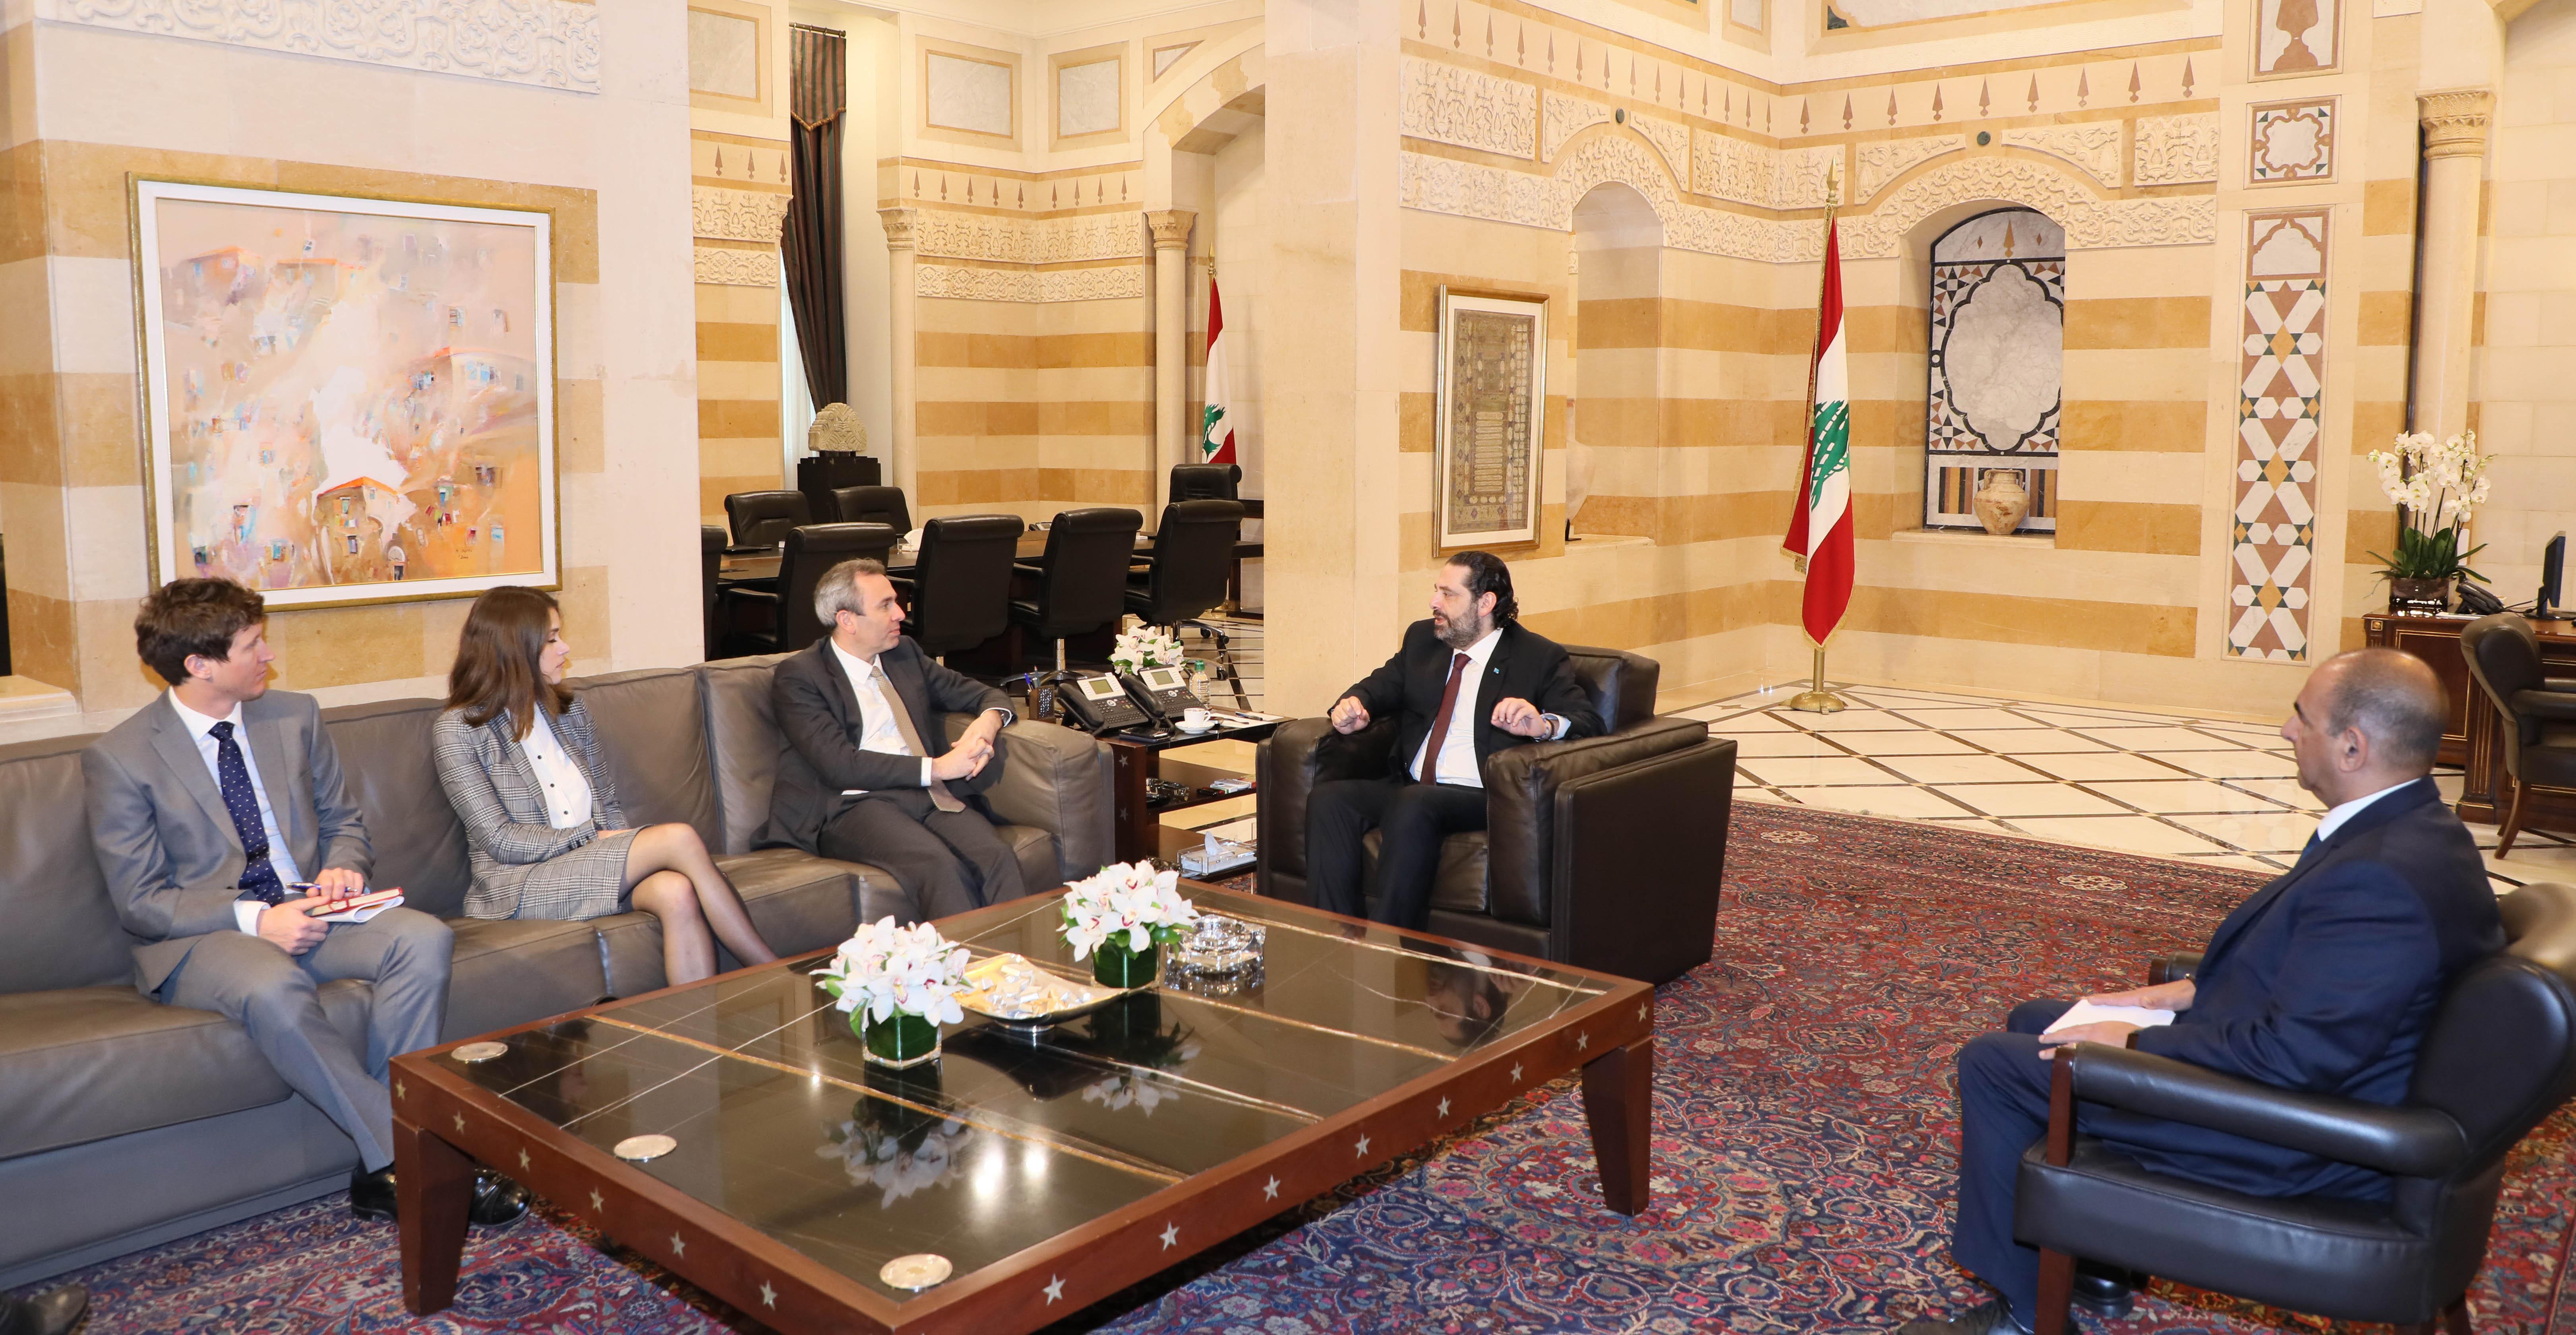 Pr Minister Saad Hariri meets Bristish Ambassador